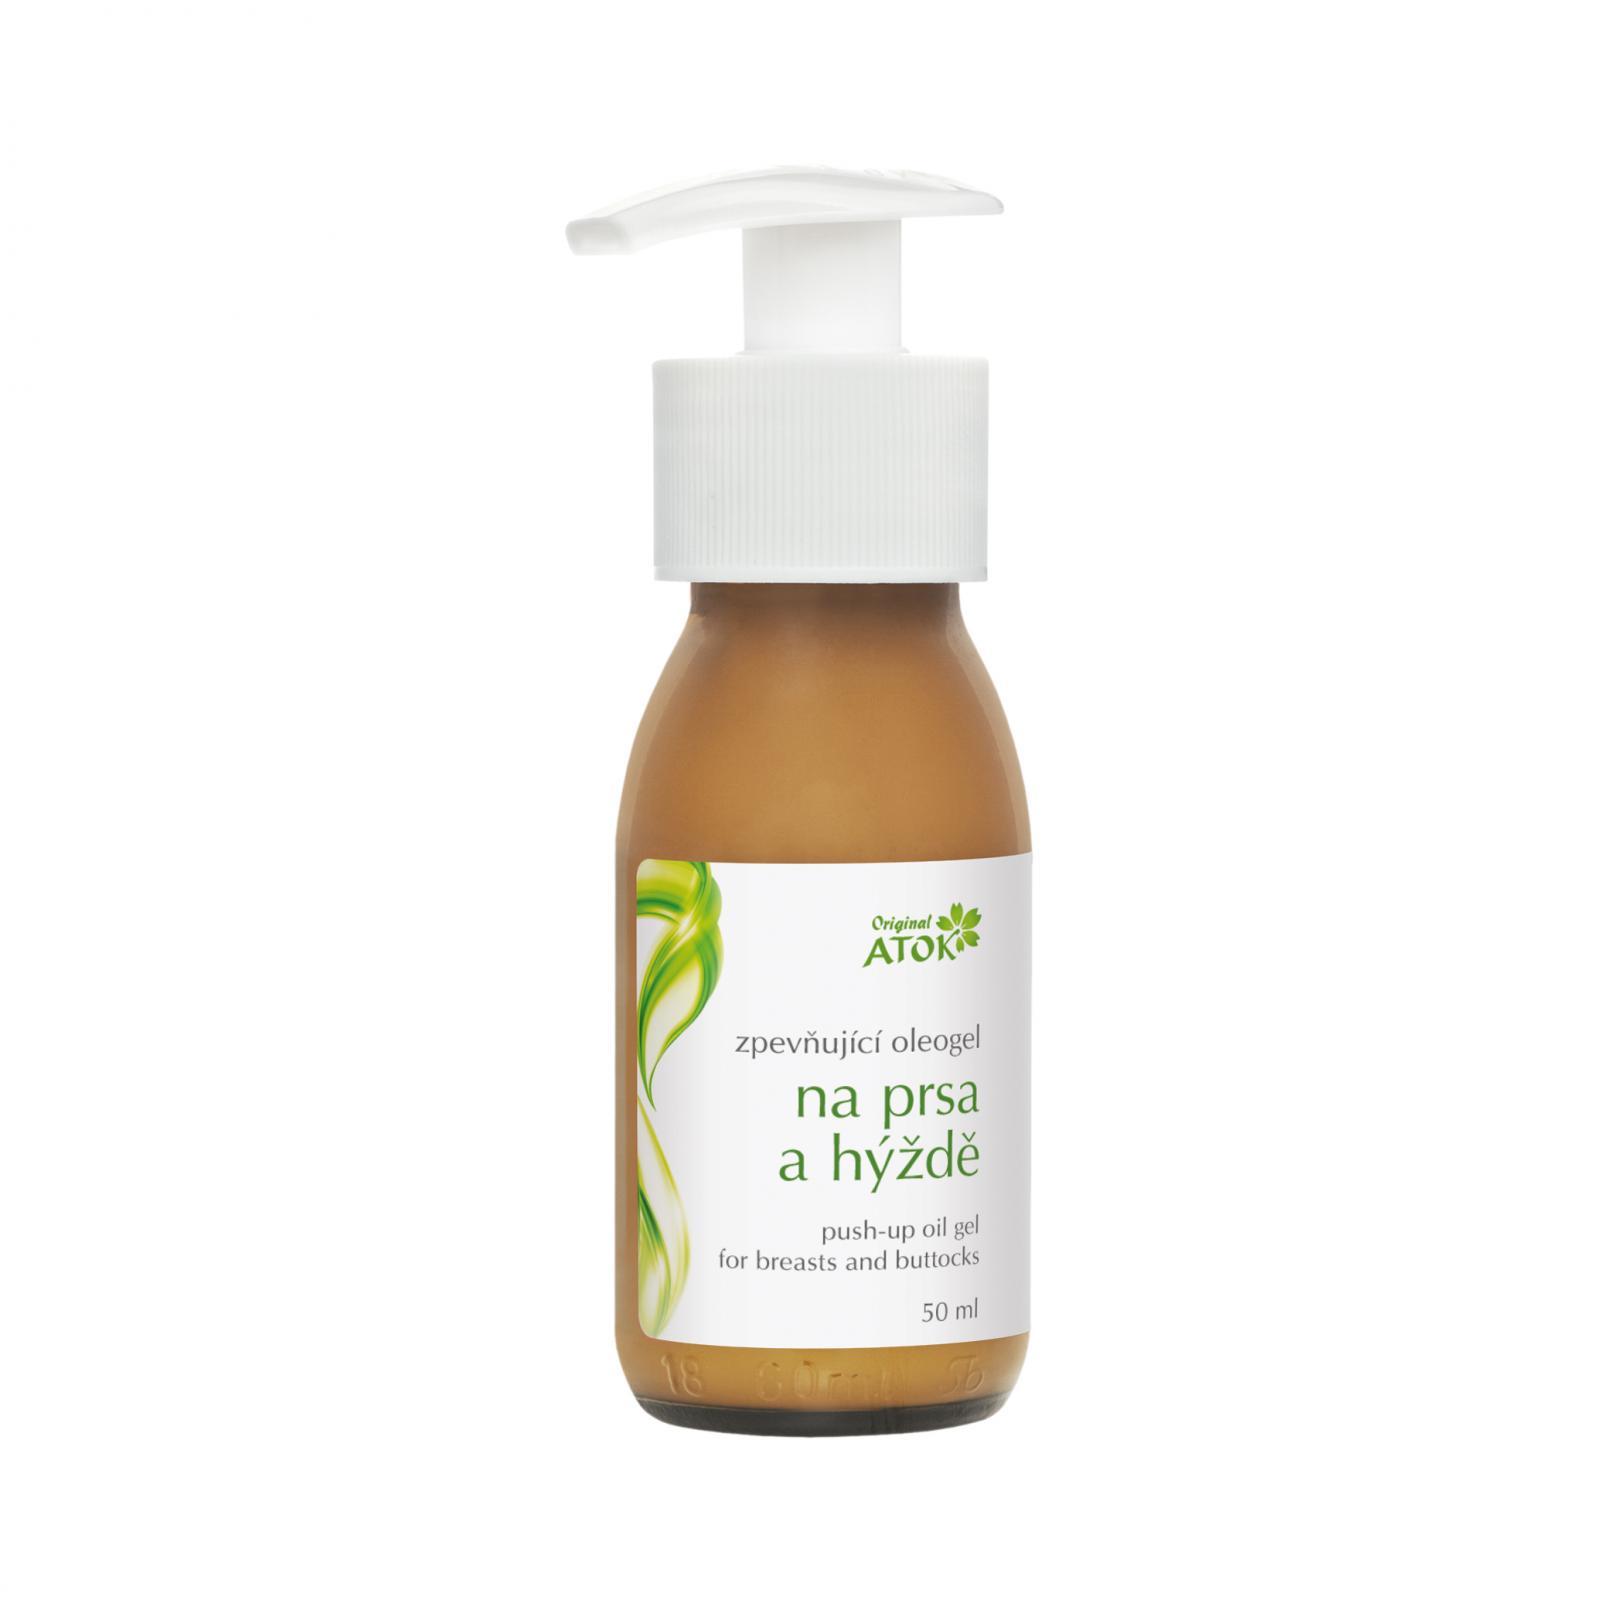 Original ATOK Zpevňující oleogel na prsa a hýždě 50 ml